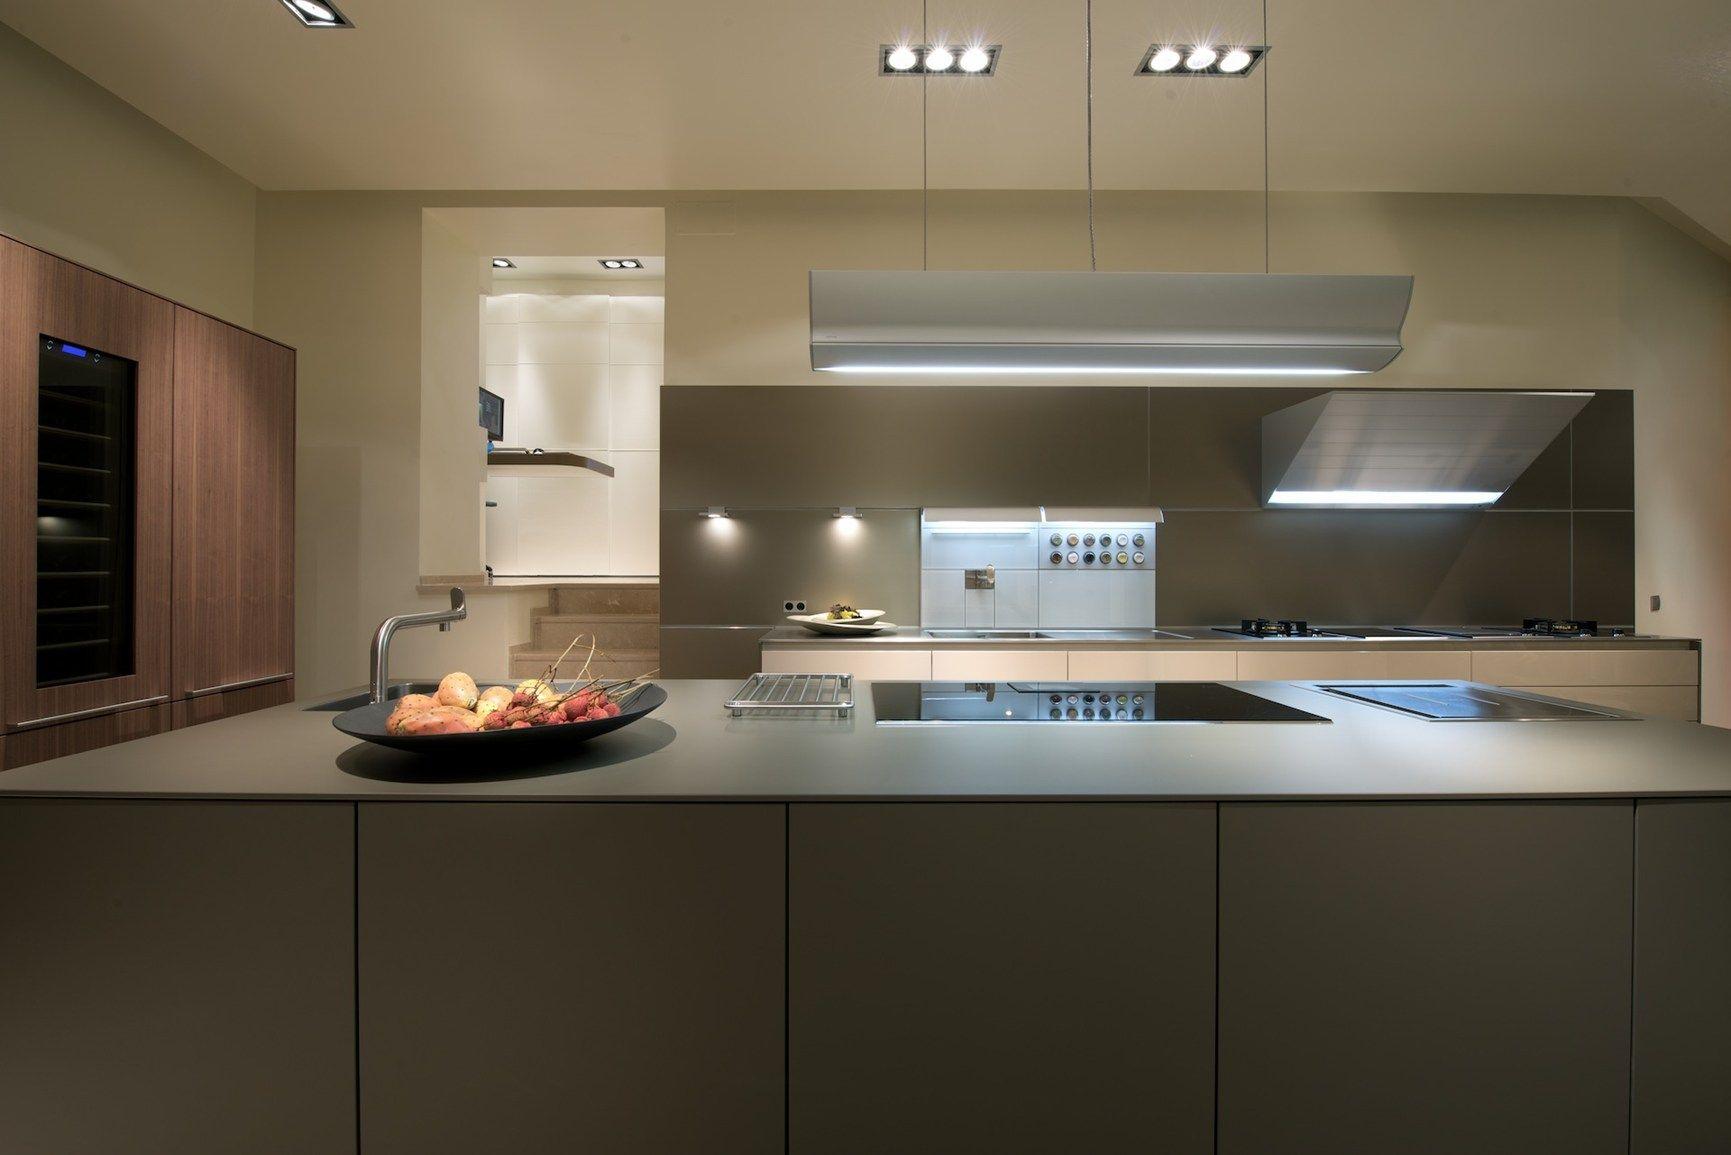 Stunning Cucine Alta Gamma Images - Schneefreunde.com ...